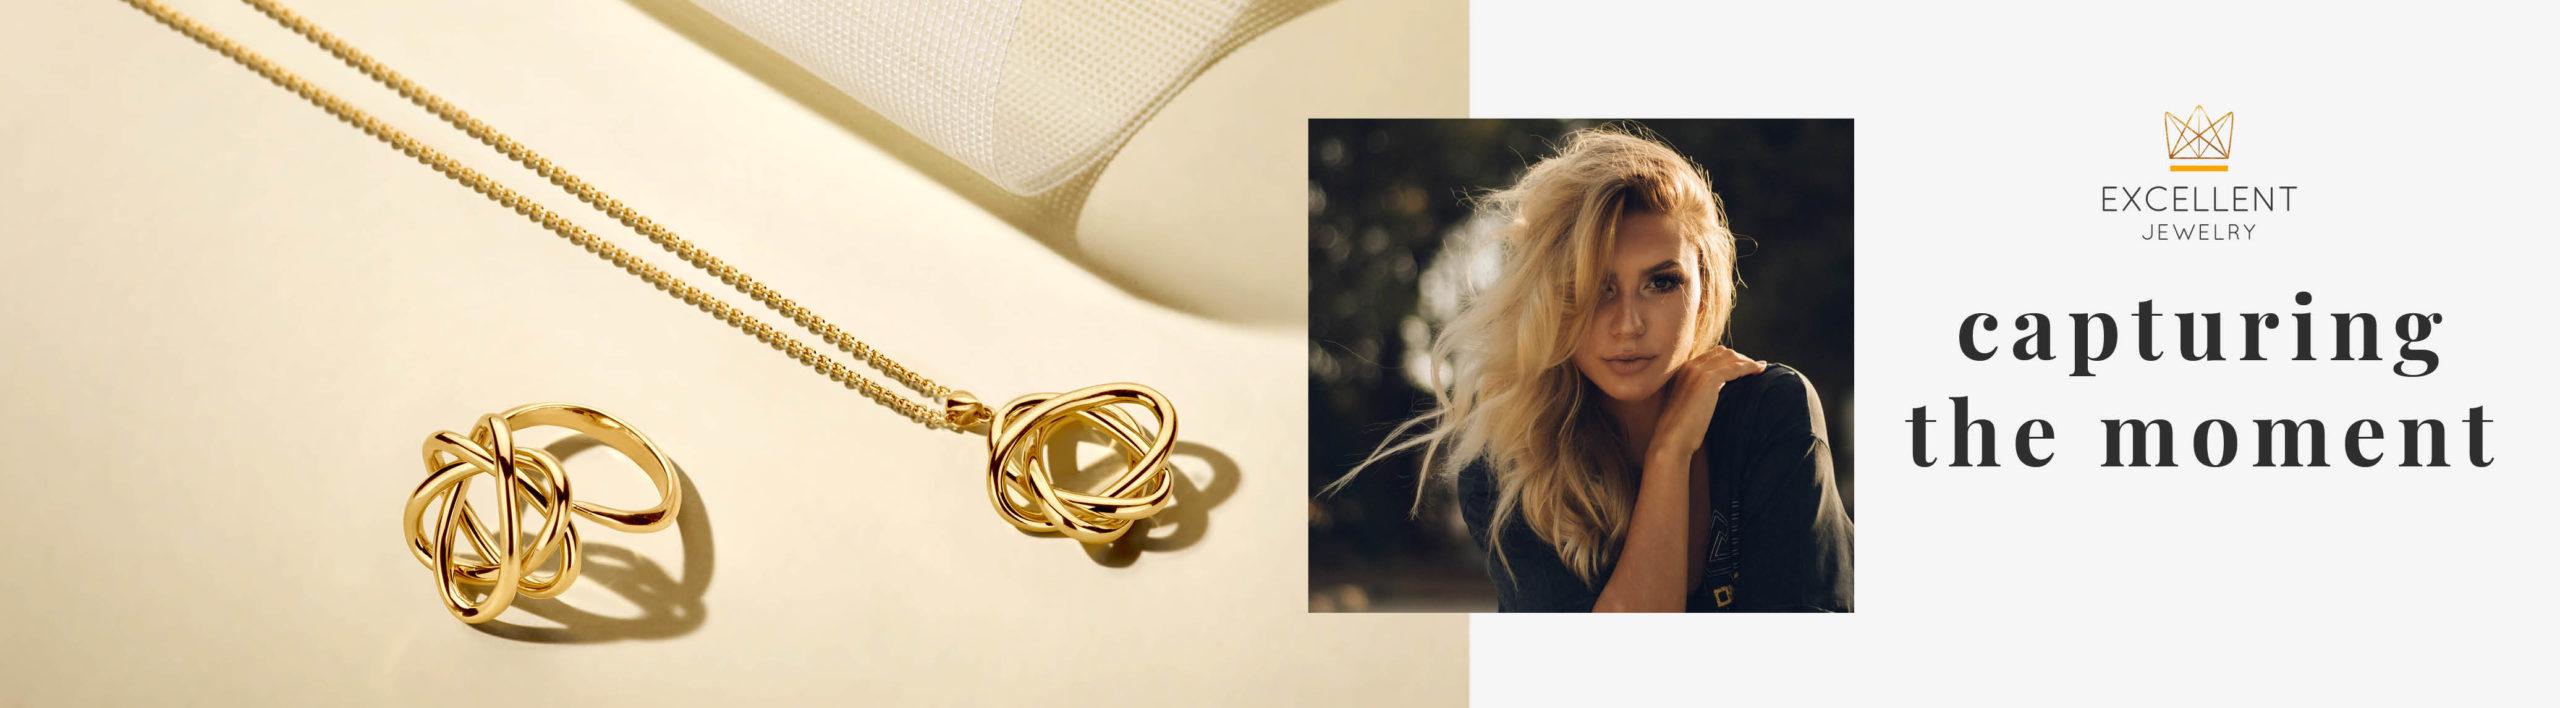 Excellent Jewelry Gouden Diamant sieraden bij Wolters Juweliers Coevorden Emmen Hardenberg